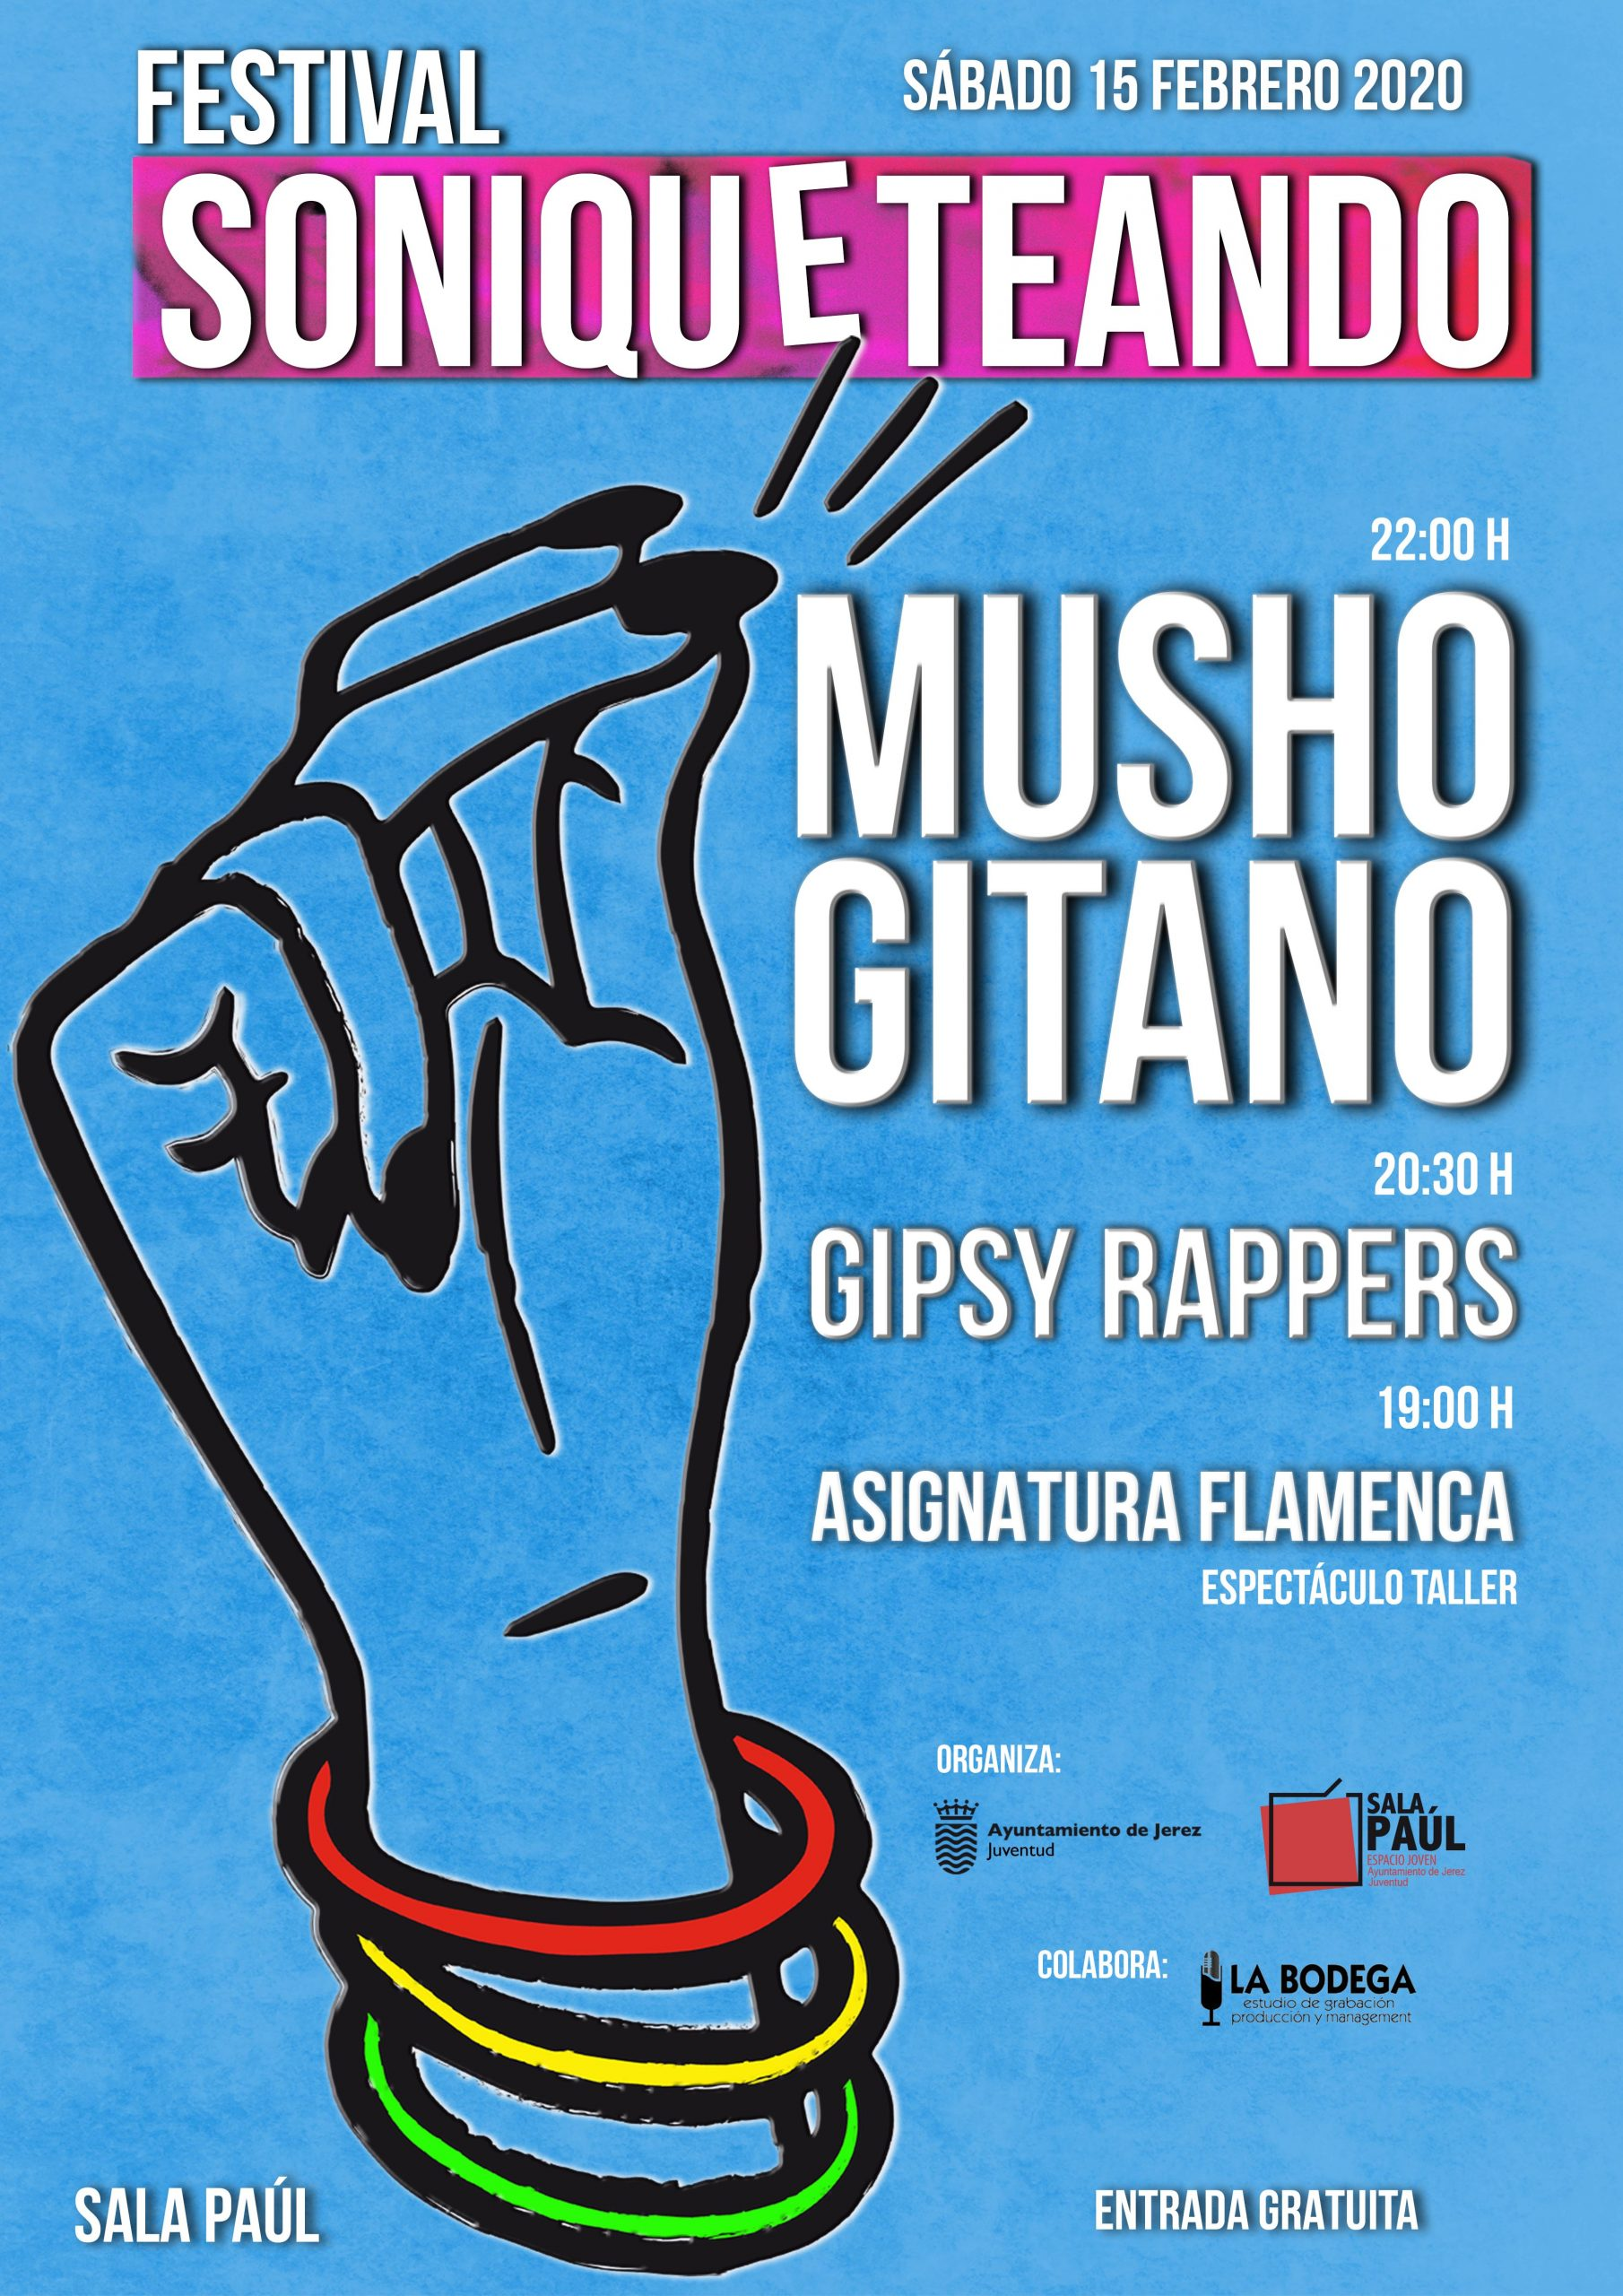 Festival Soniqueteando, el sábado 15 en la Sala Paúl